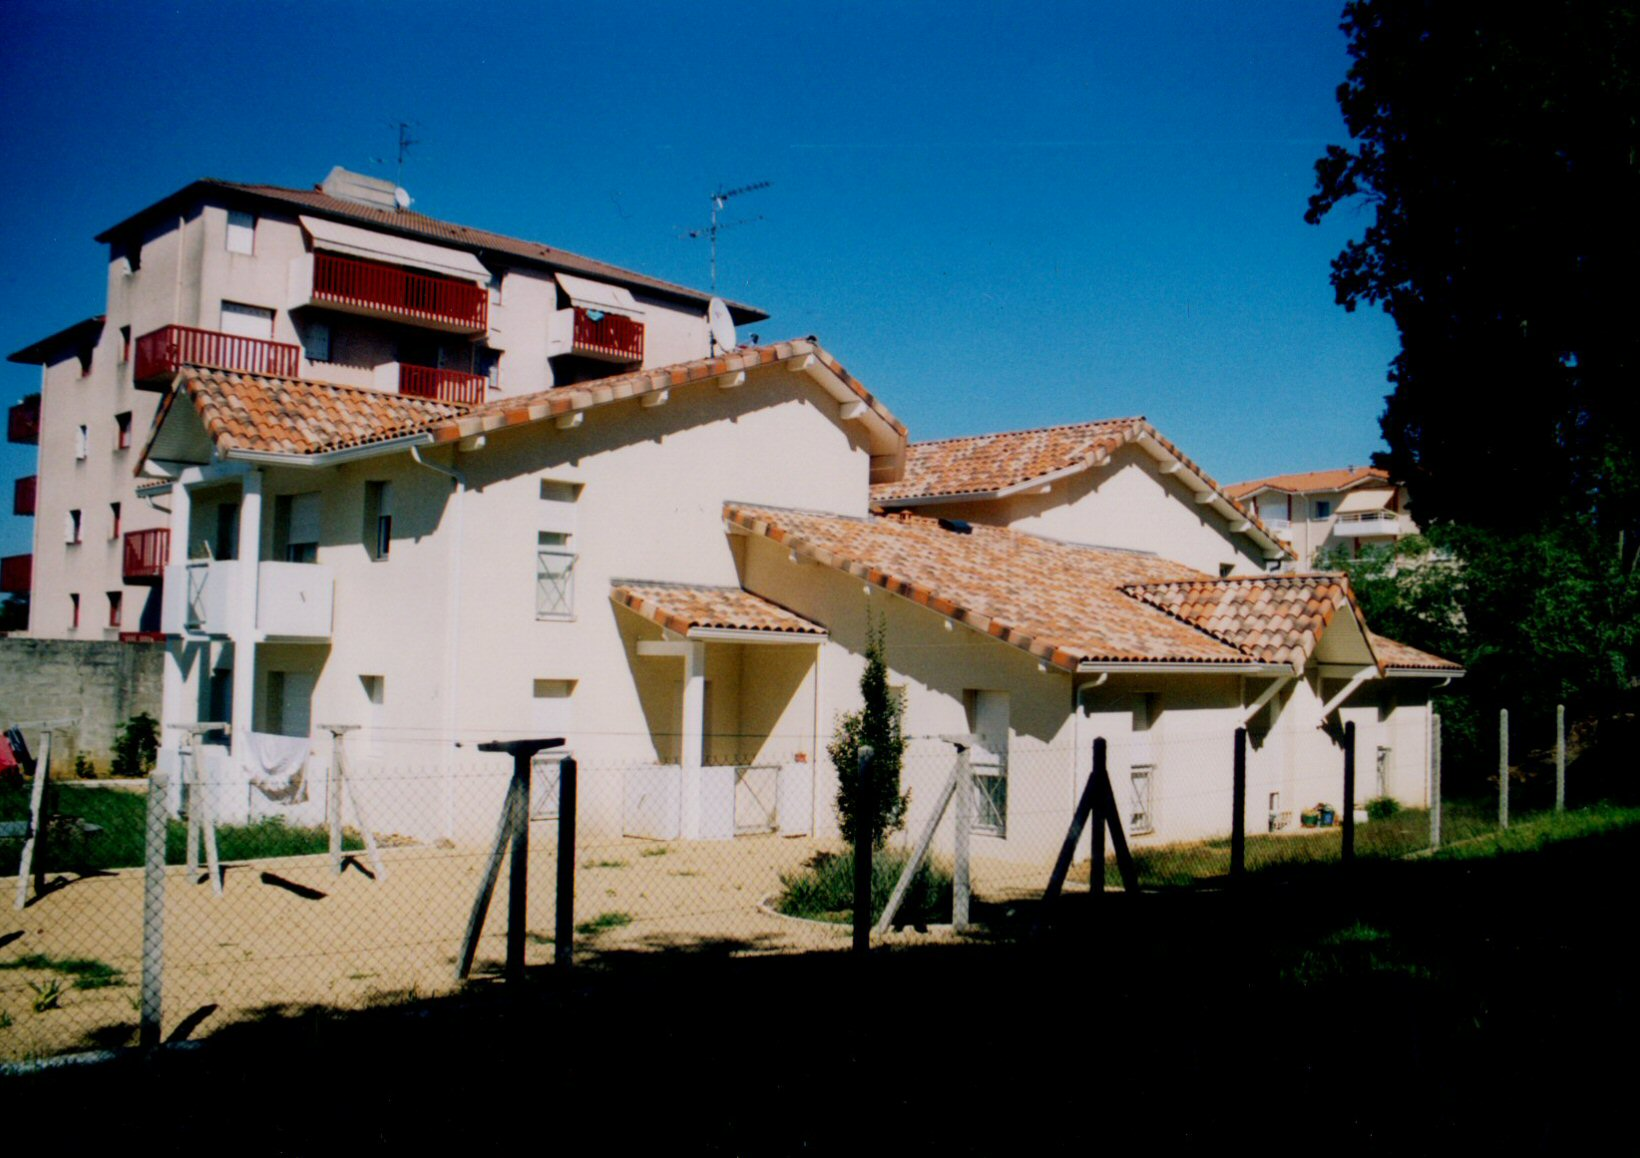 5 Logements collectifs à Mont de Marsan (40) - Architecte Jean-Marc Ritondo